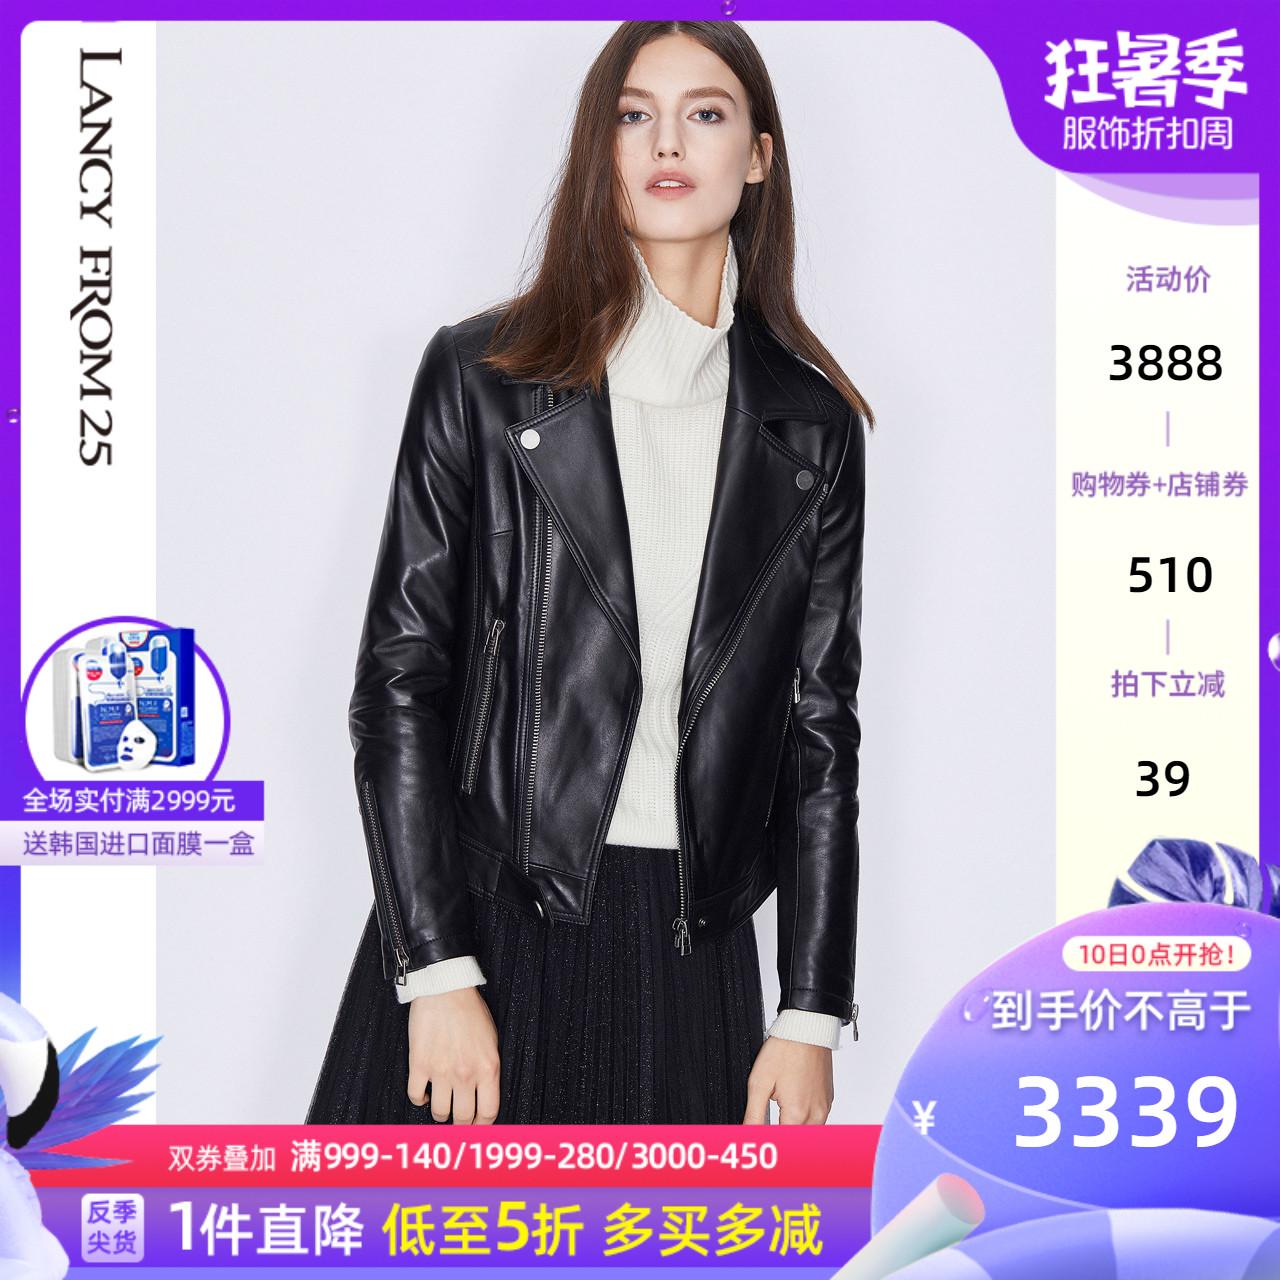 朗姿商場同款皮夾克春裝新款女裝黑色外套短款西裝領皮衣